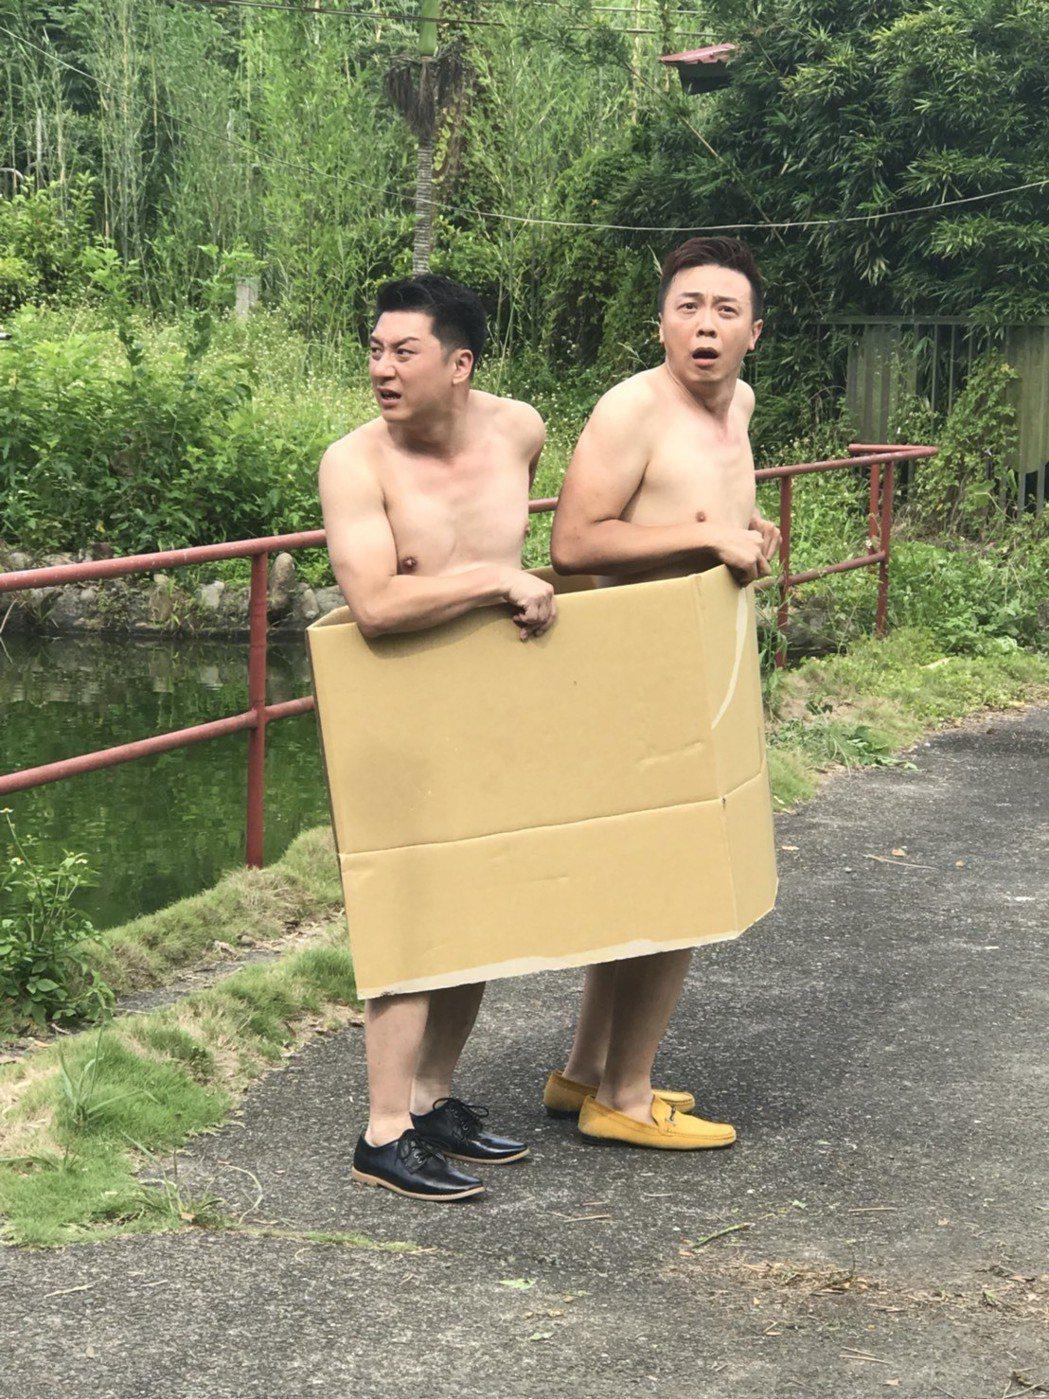 錦德(右)與曹景俊穿紙箱裸奔。圖/台視提供